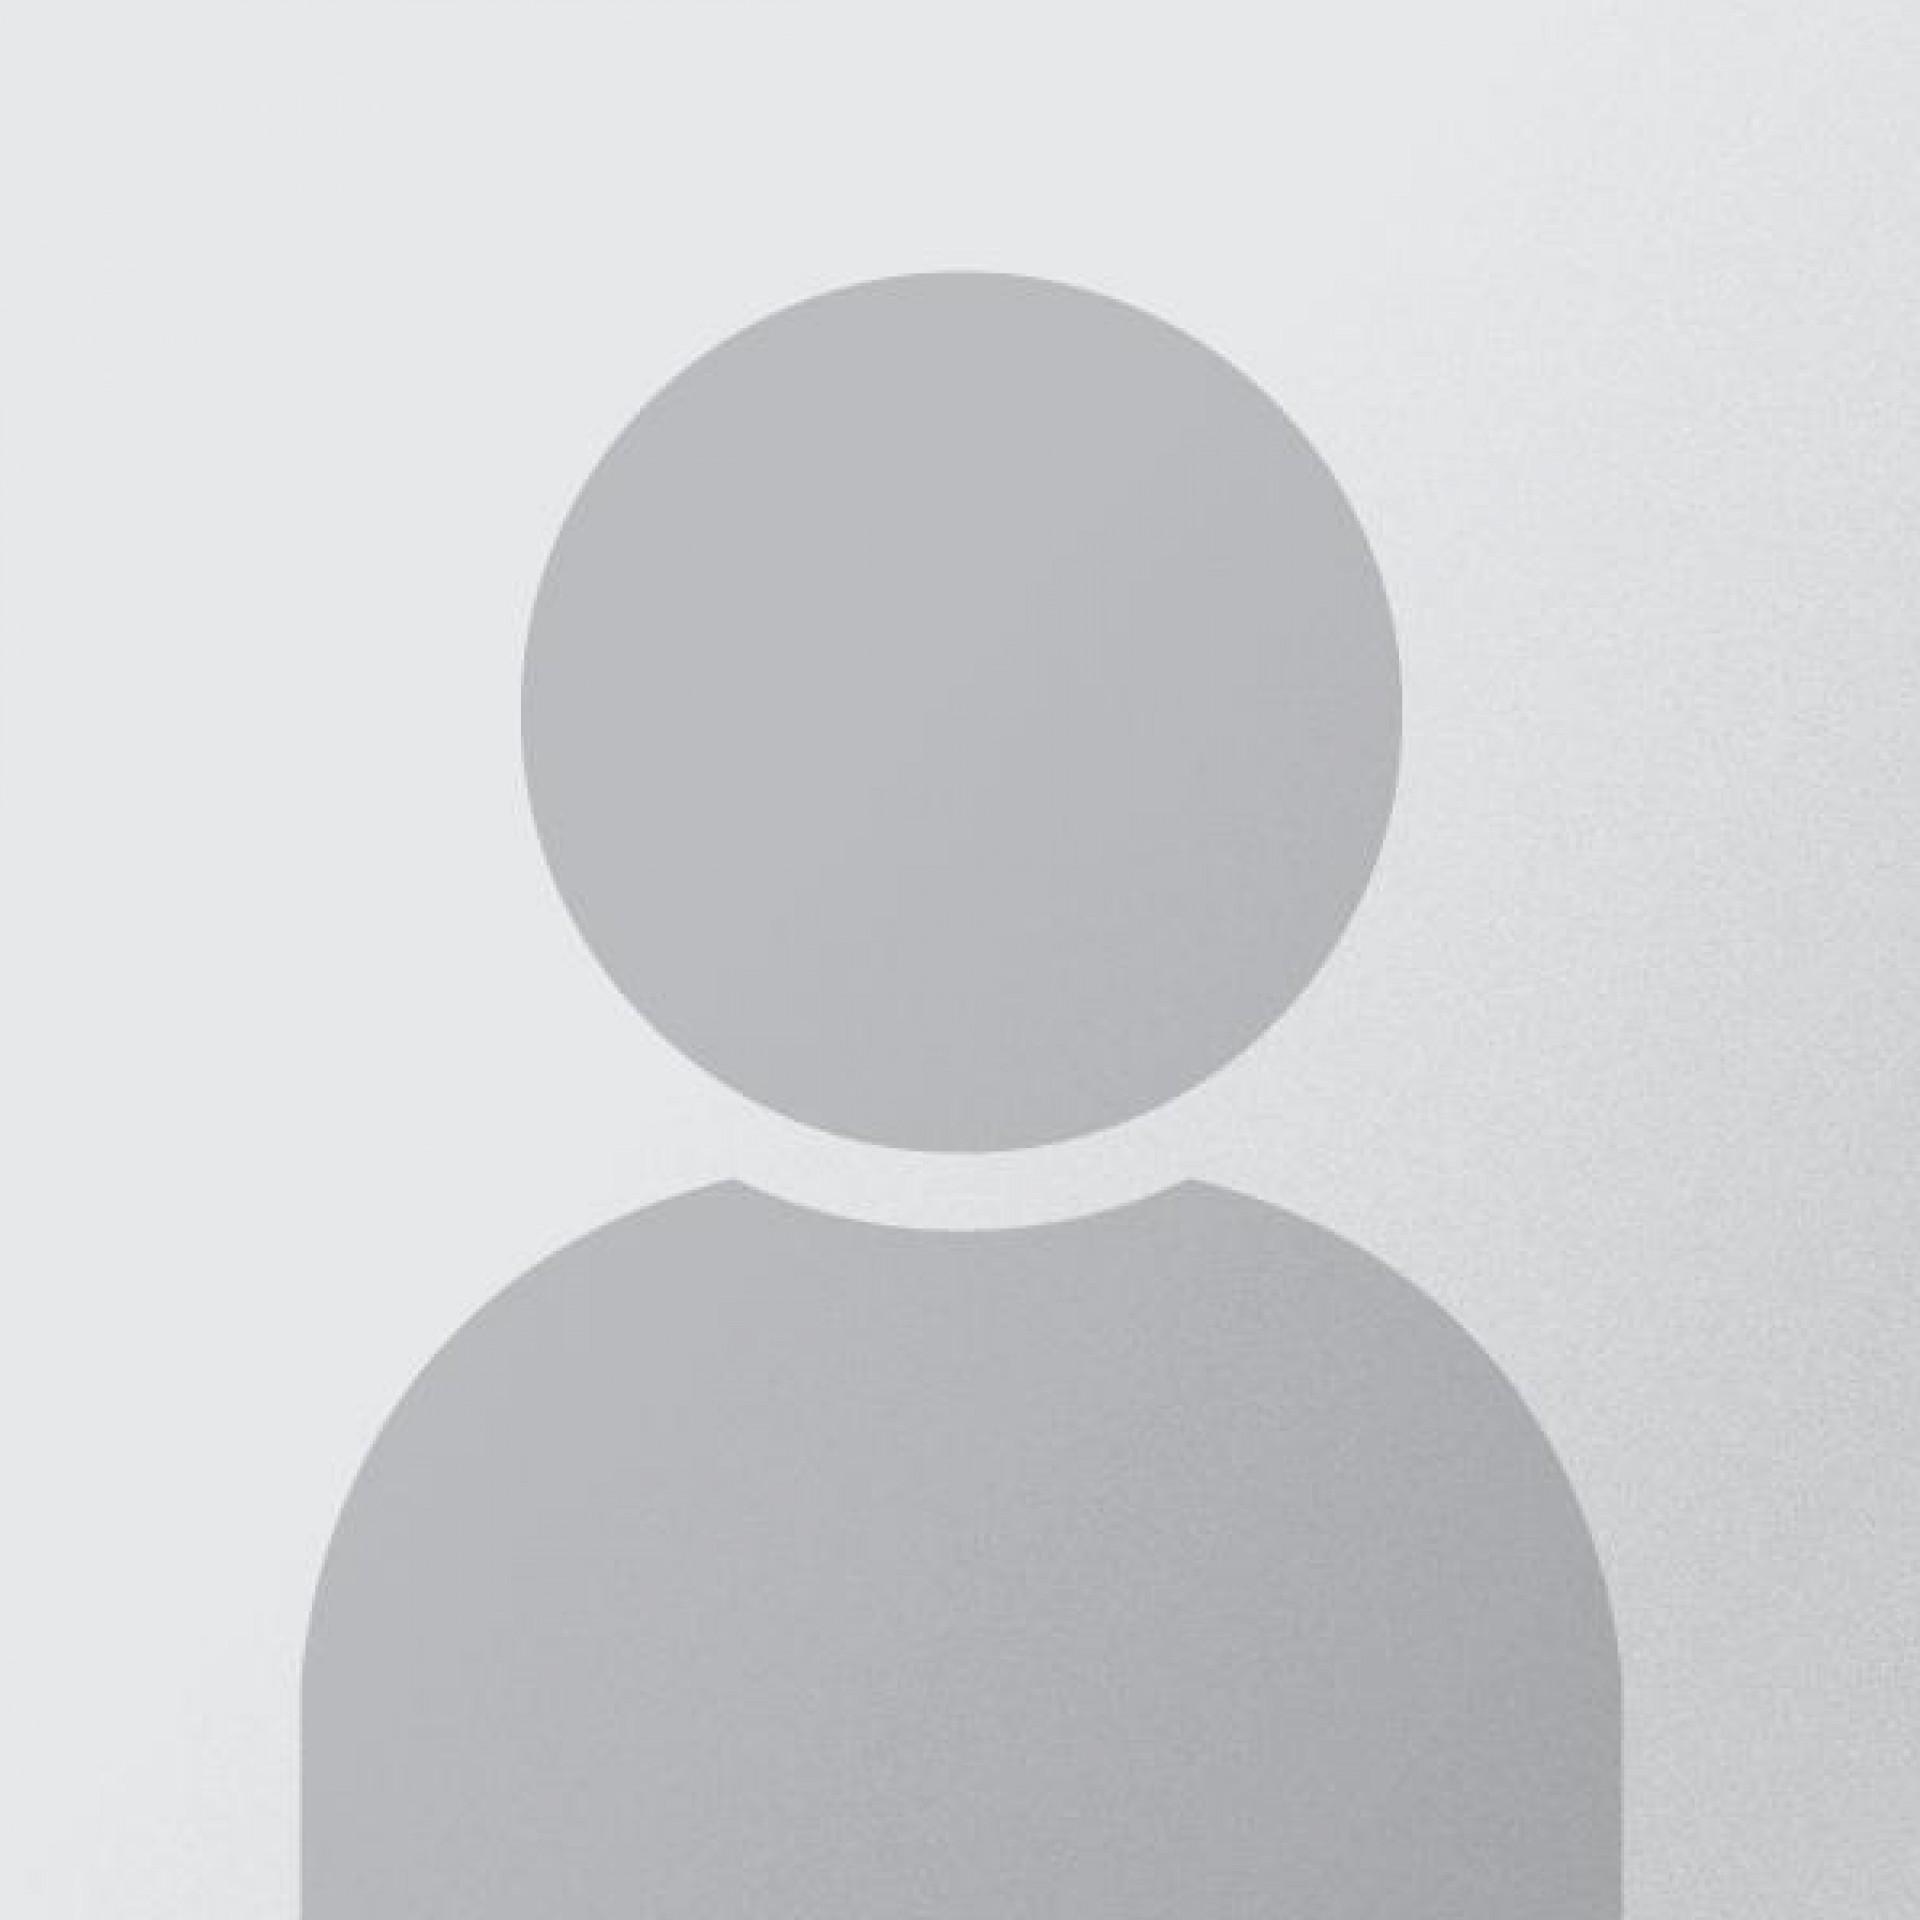 fotografia p021 profilu 0102M4MNG9